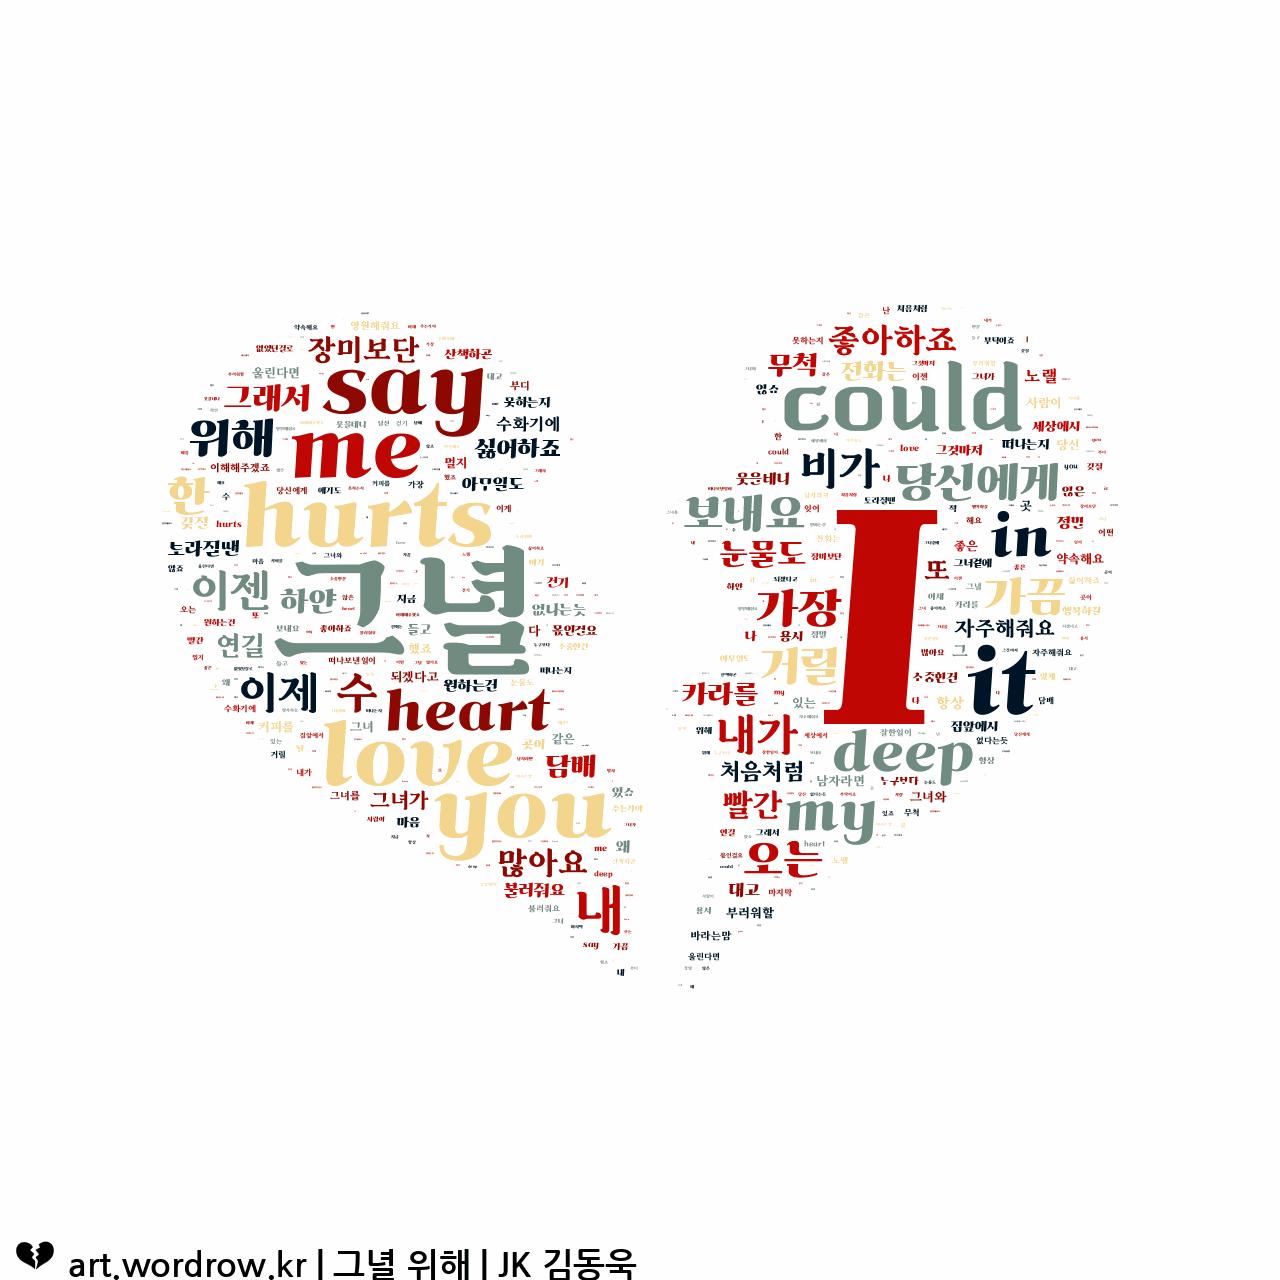 워드 아트: 그녈 위해 [JK 김동욱]-27